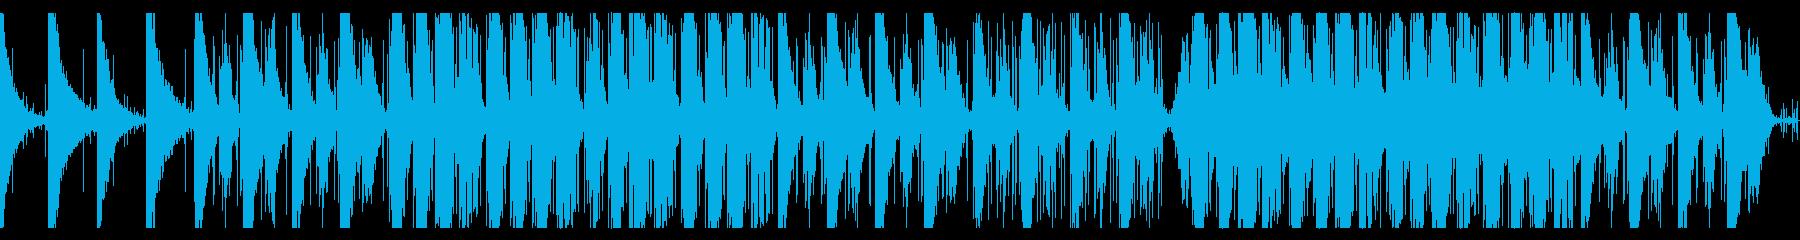 企業VP いやし・チル 211の再生済みの波形